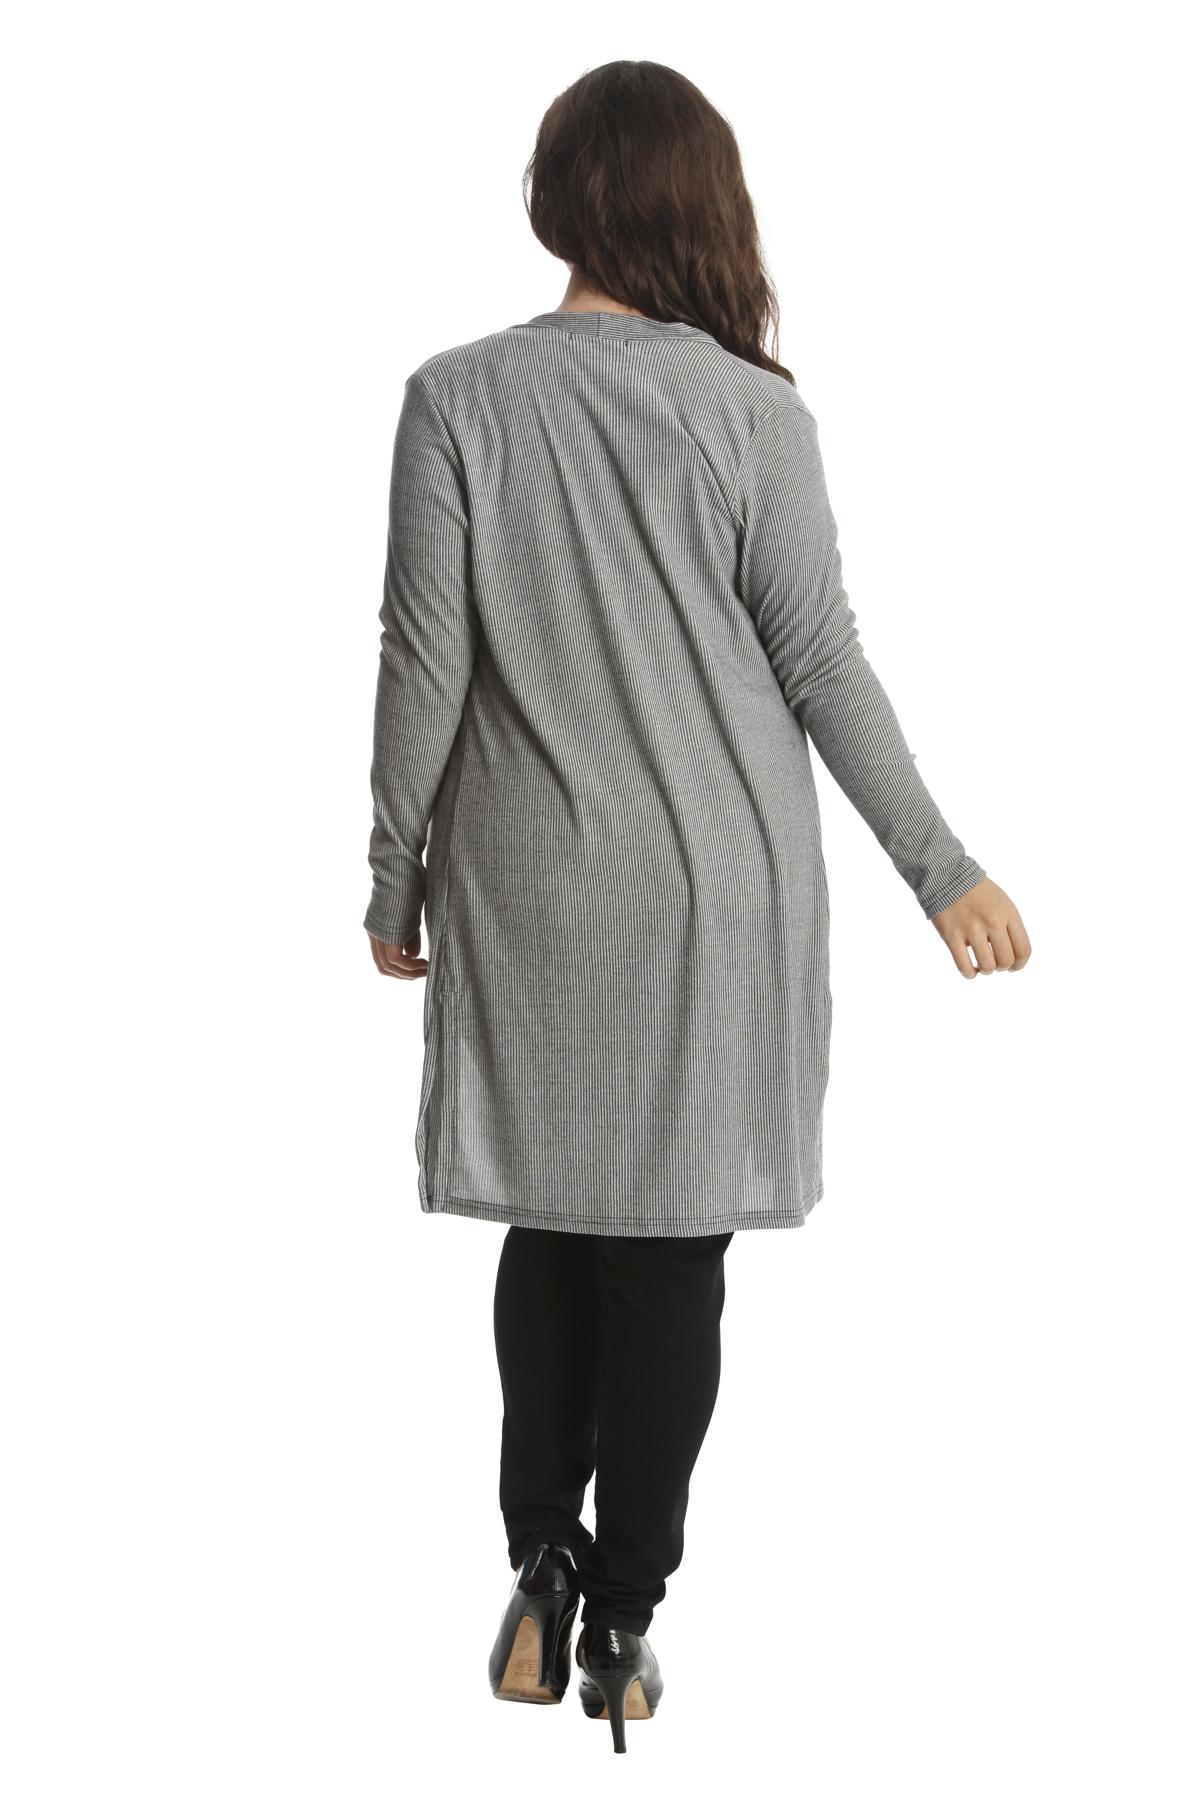 Femmes-Cardigan-Ouvrir-De-face-Ribbed-Haut-Fente-Coton-Grande-taille-Nouvelle